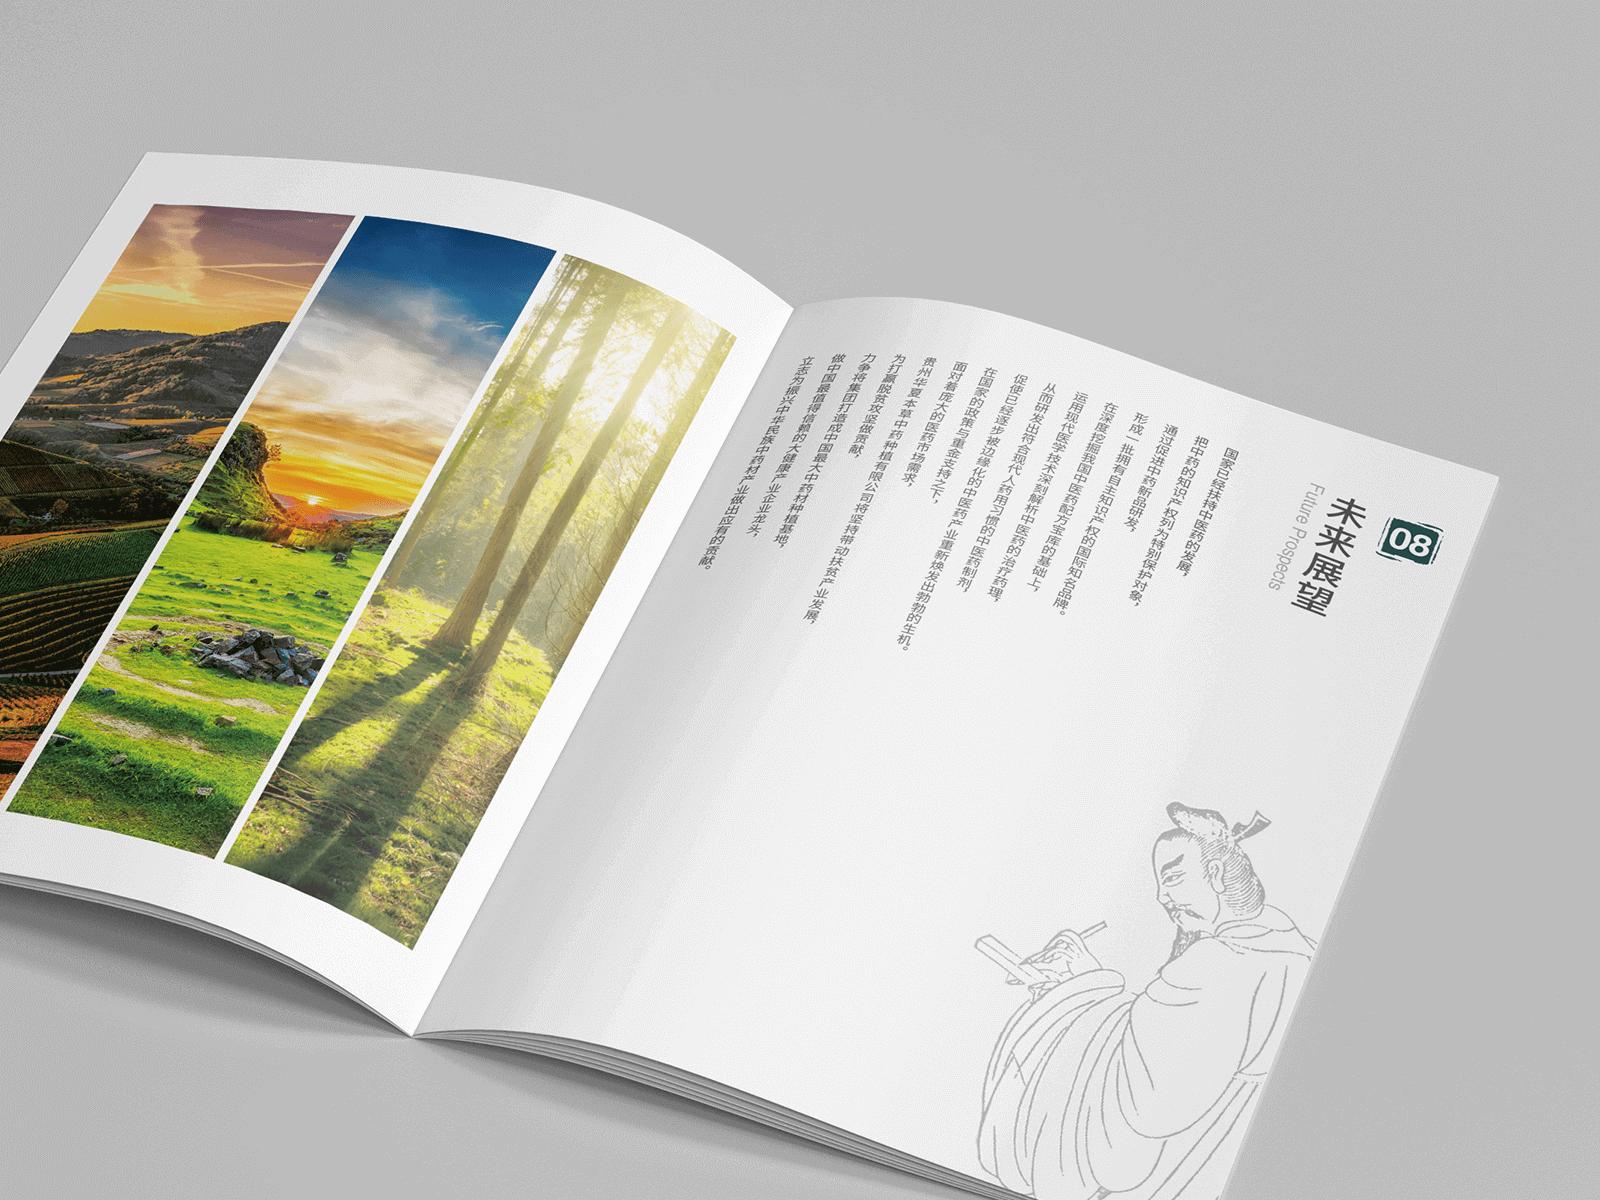 華夏農業畫冊設計